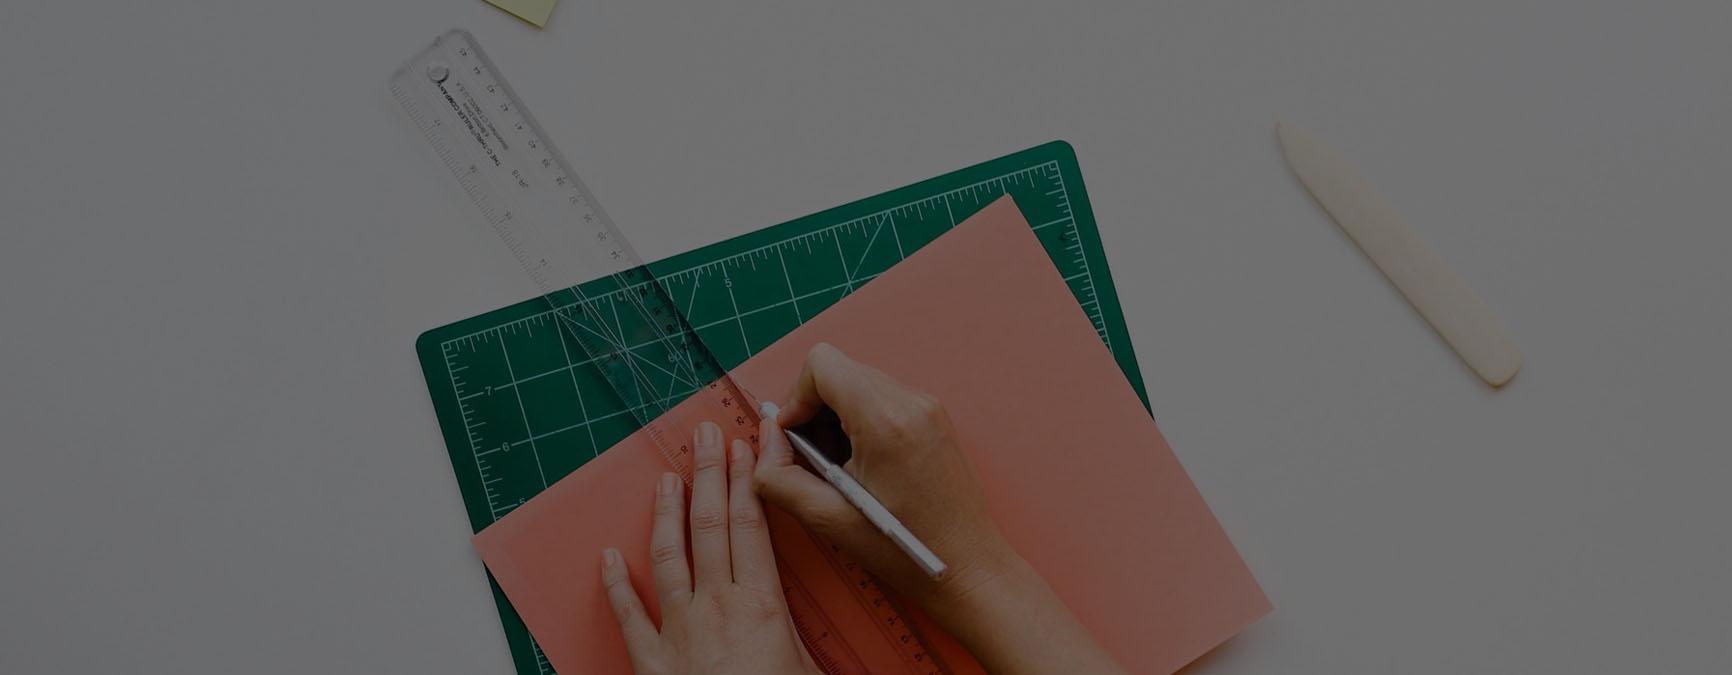 طراحی UI و UX چیست؟